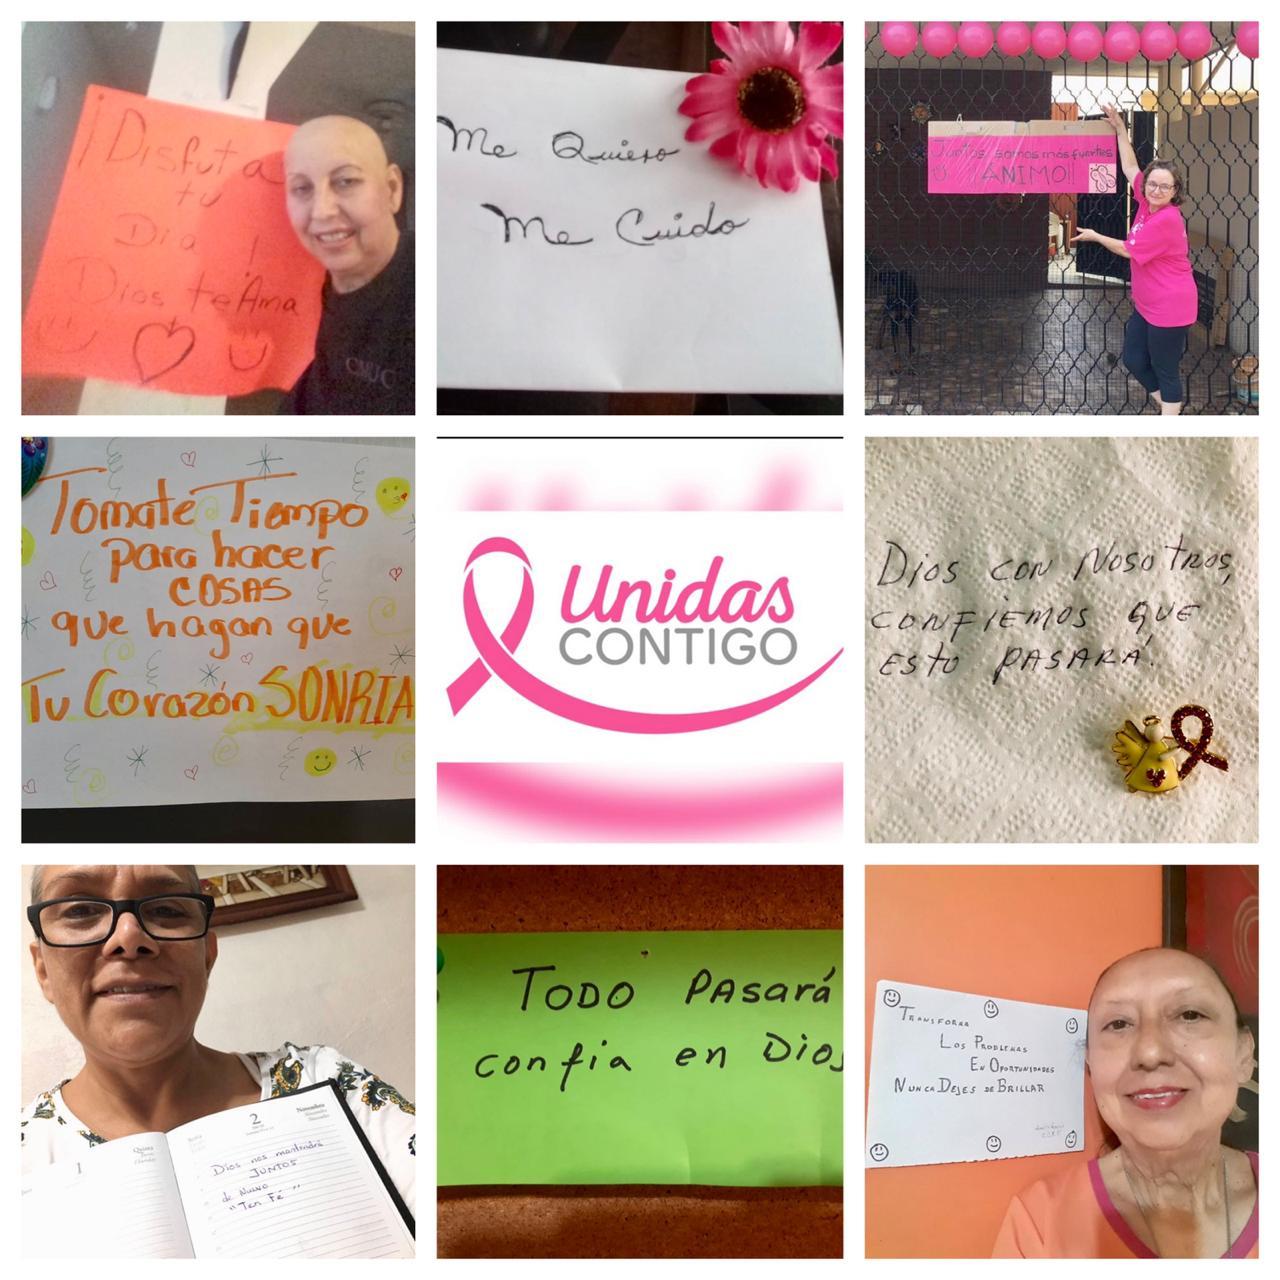 Unidas Contigo lanza videos con mensajes de apoyo emocional para pacientes